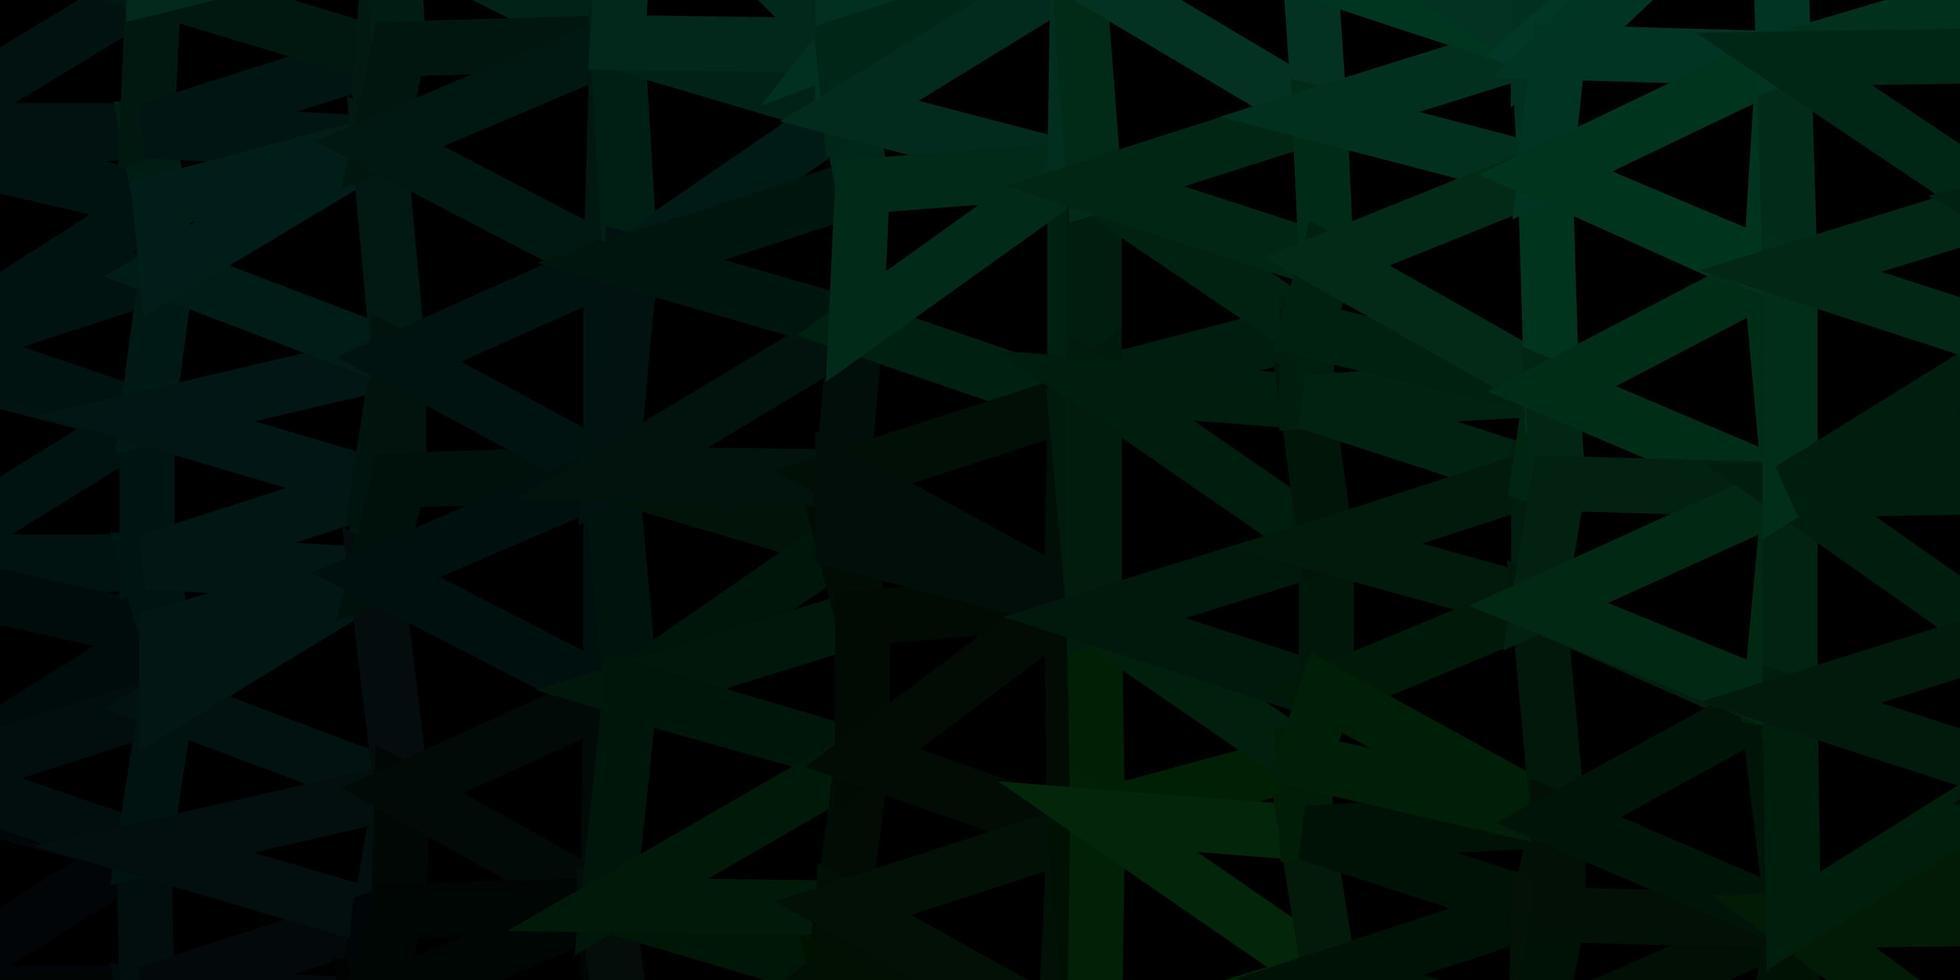 fond d'écran polygonale géométrique vecteur vert foncé.